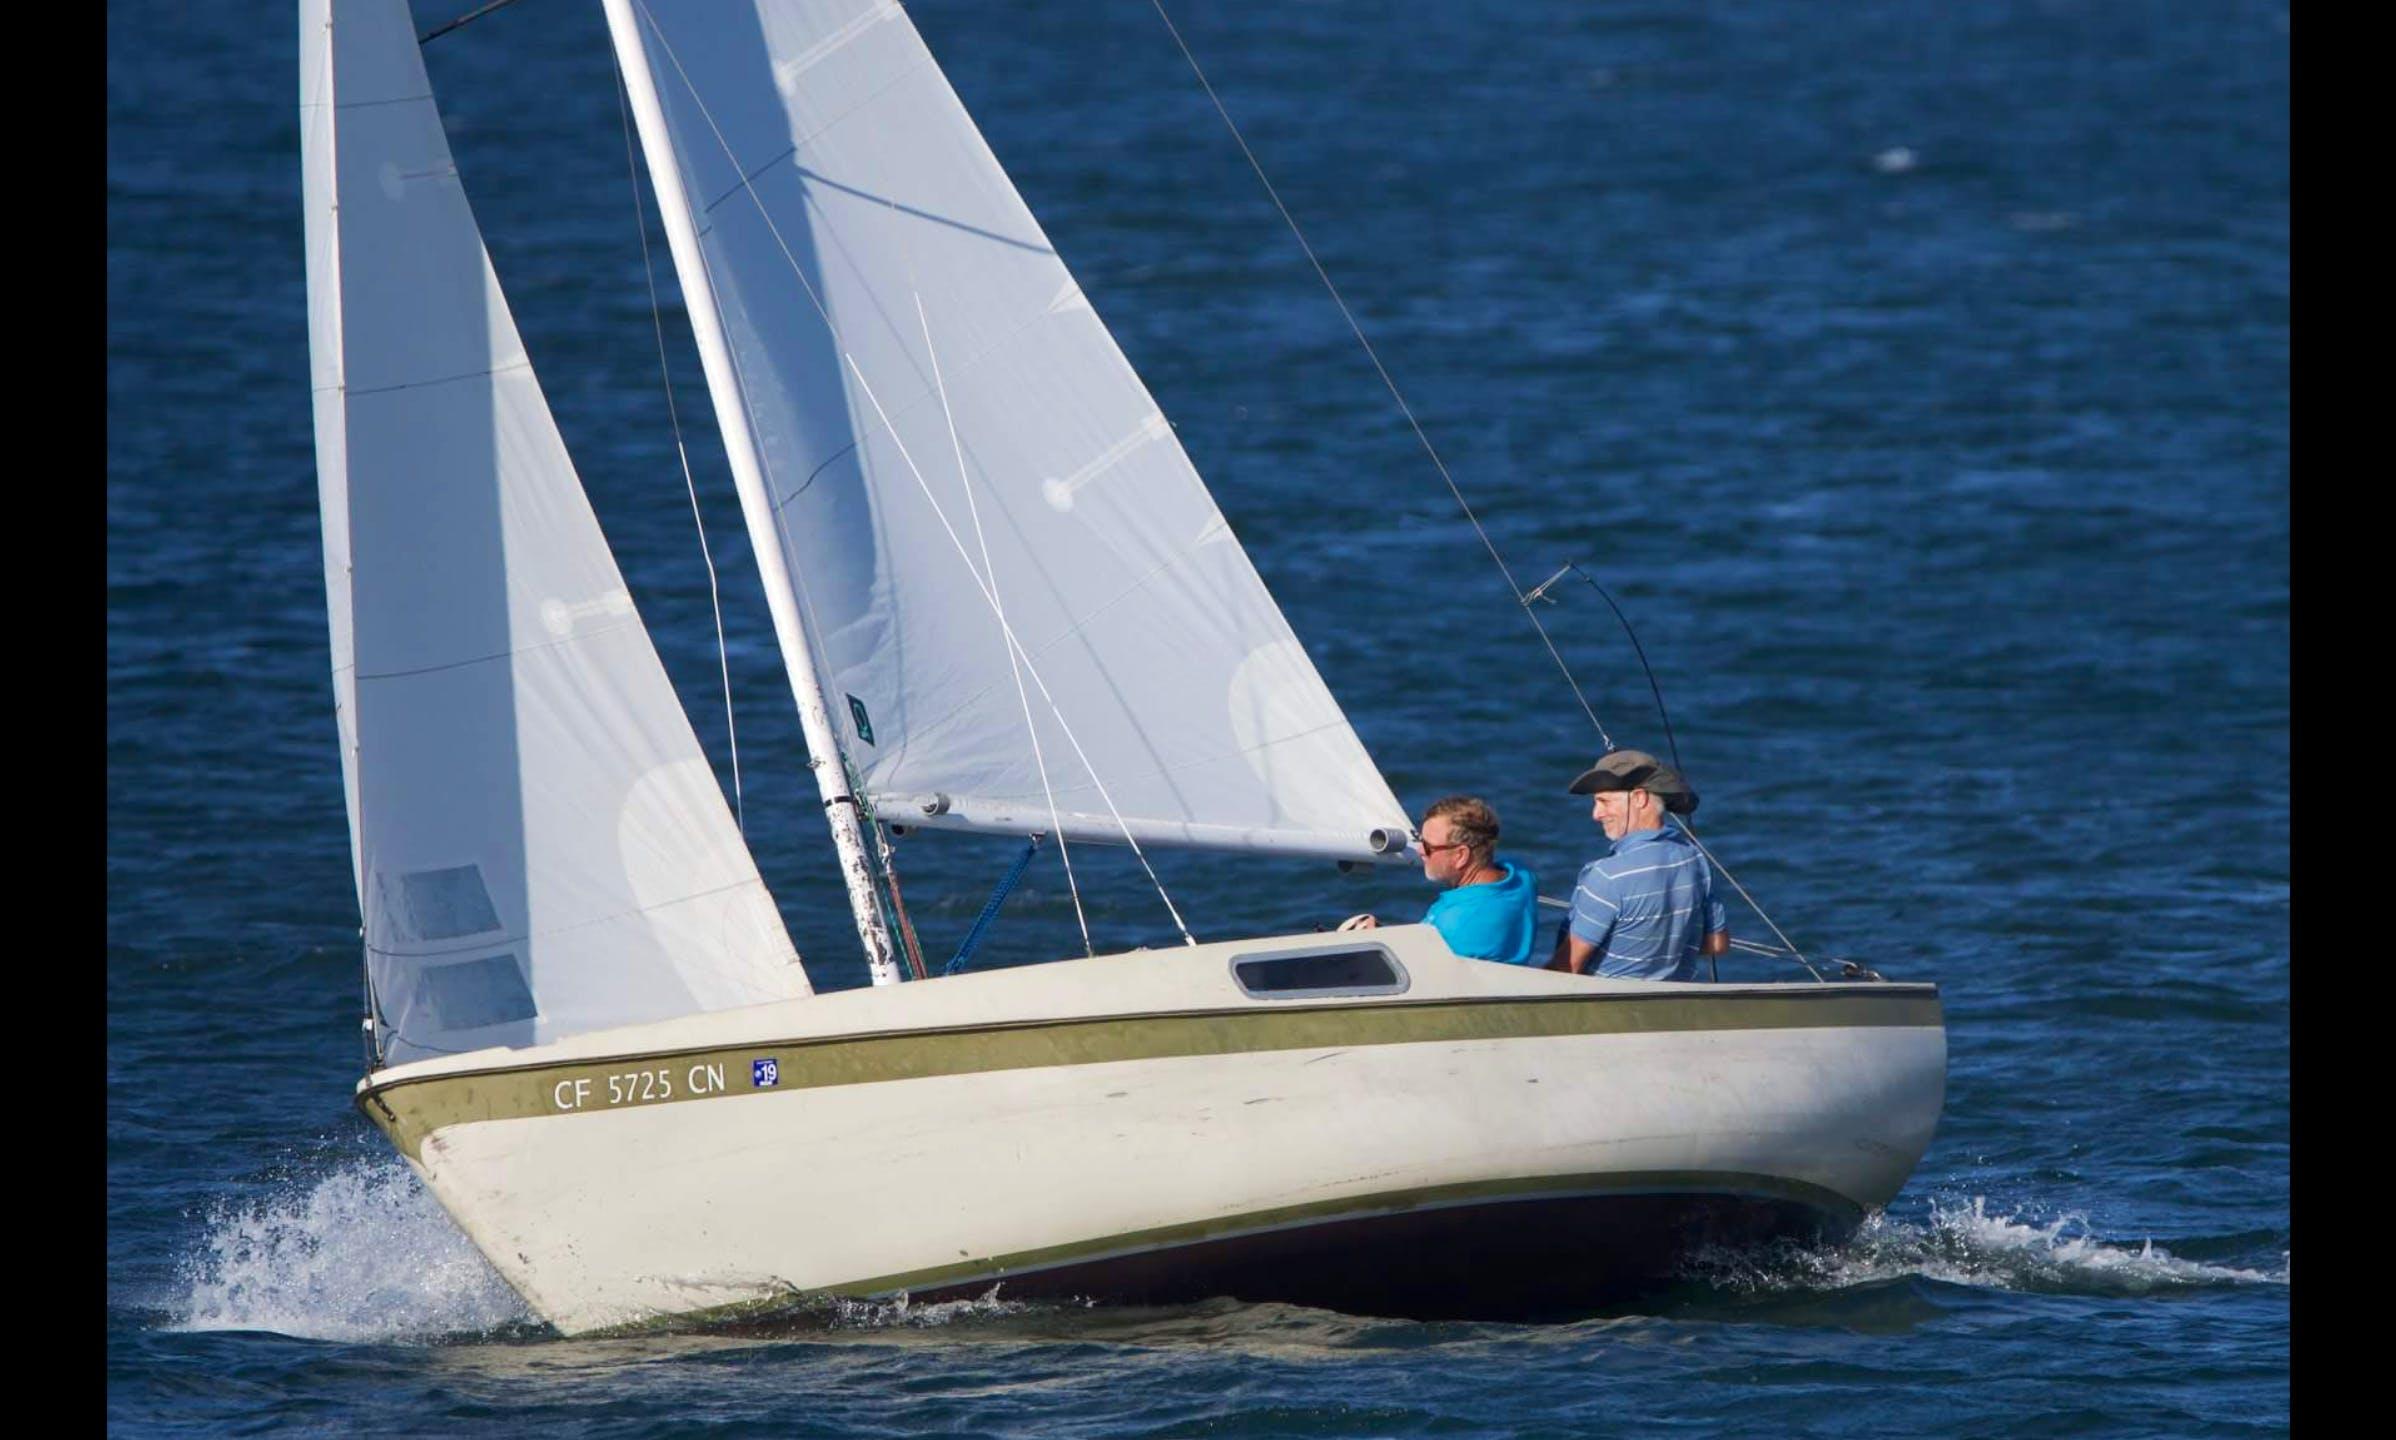 Sailing Cal 20 Daysailer for 6 people in Long Beach, California